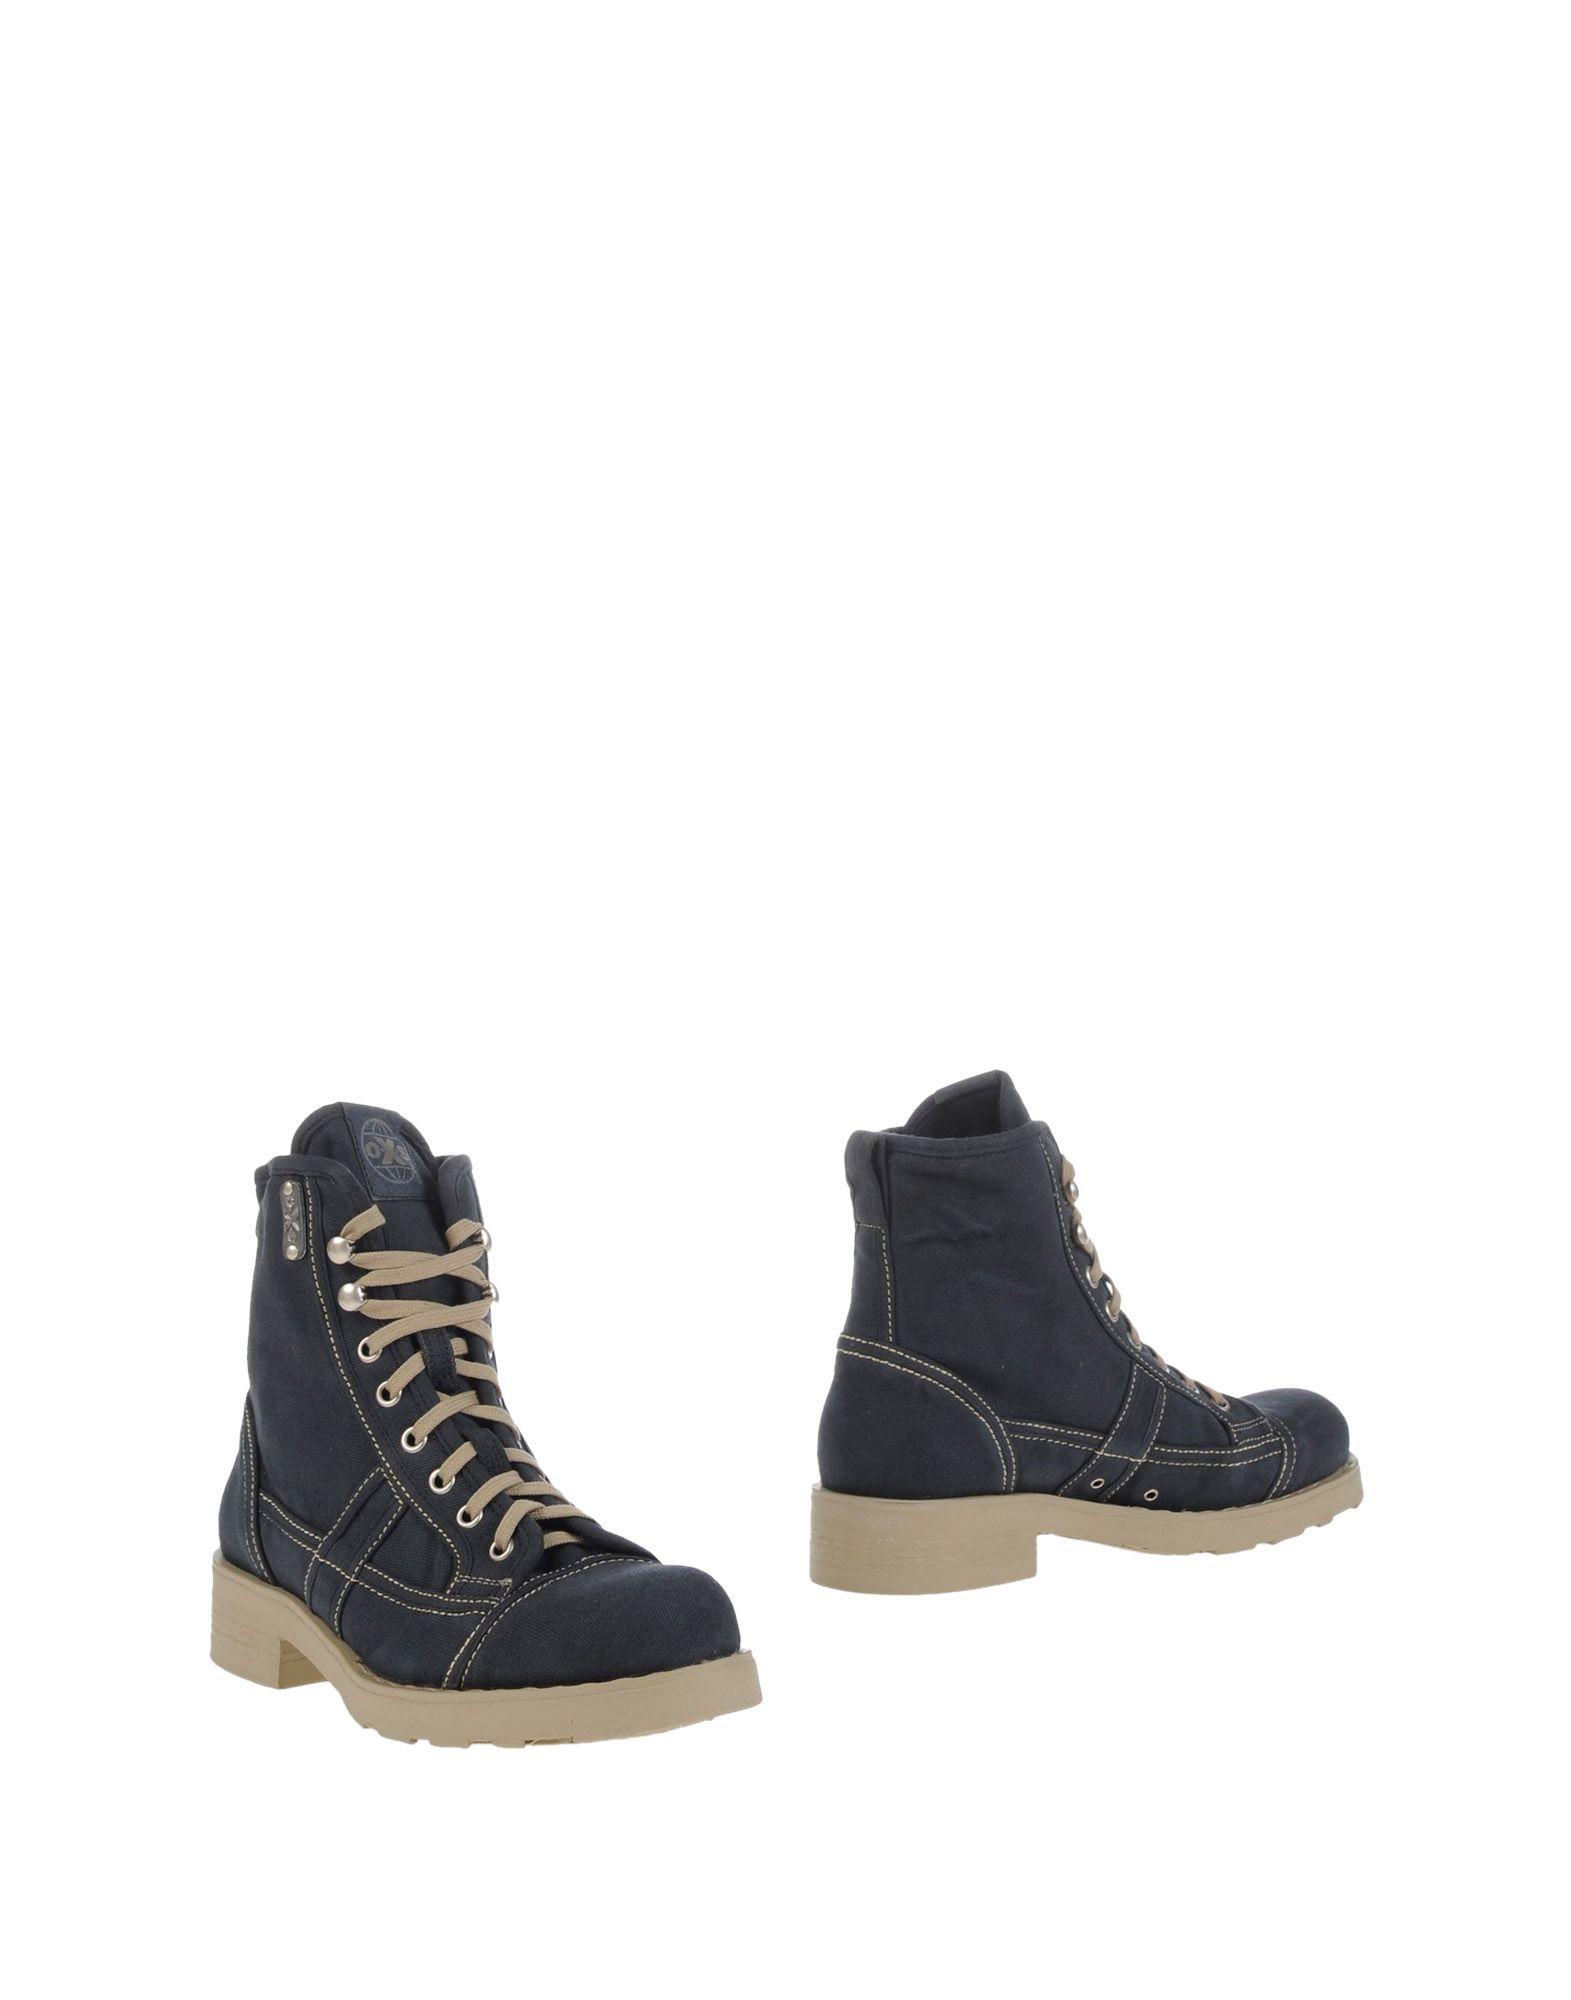 O.X.S. Stiefelette Damen  11118646HW Gute Qualität beliebte Schuhe